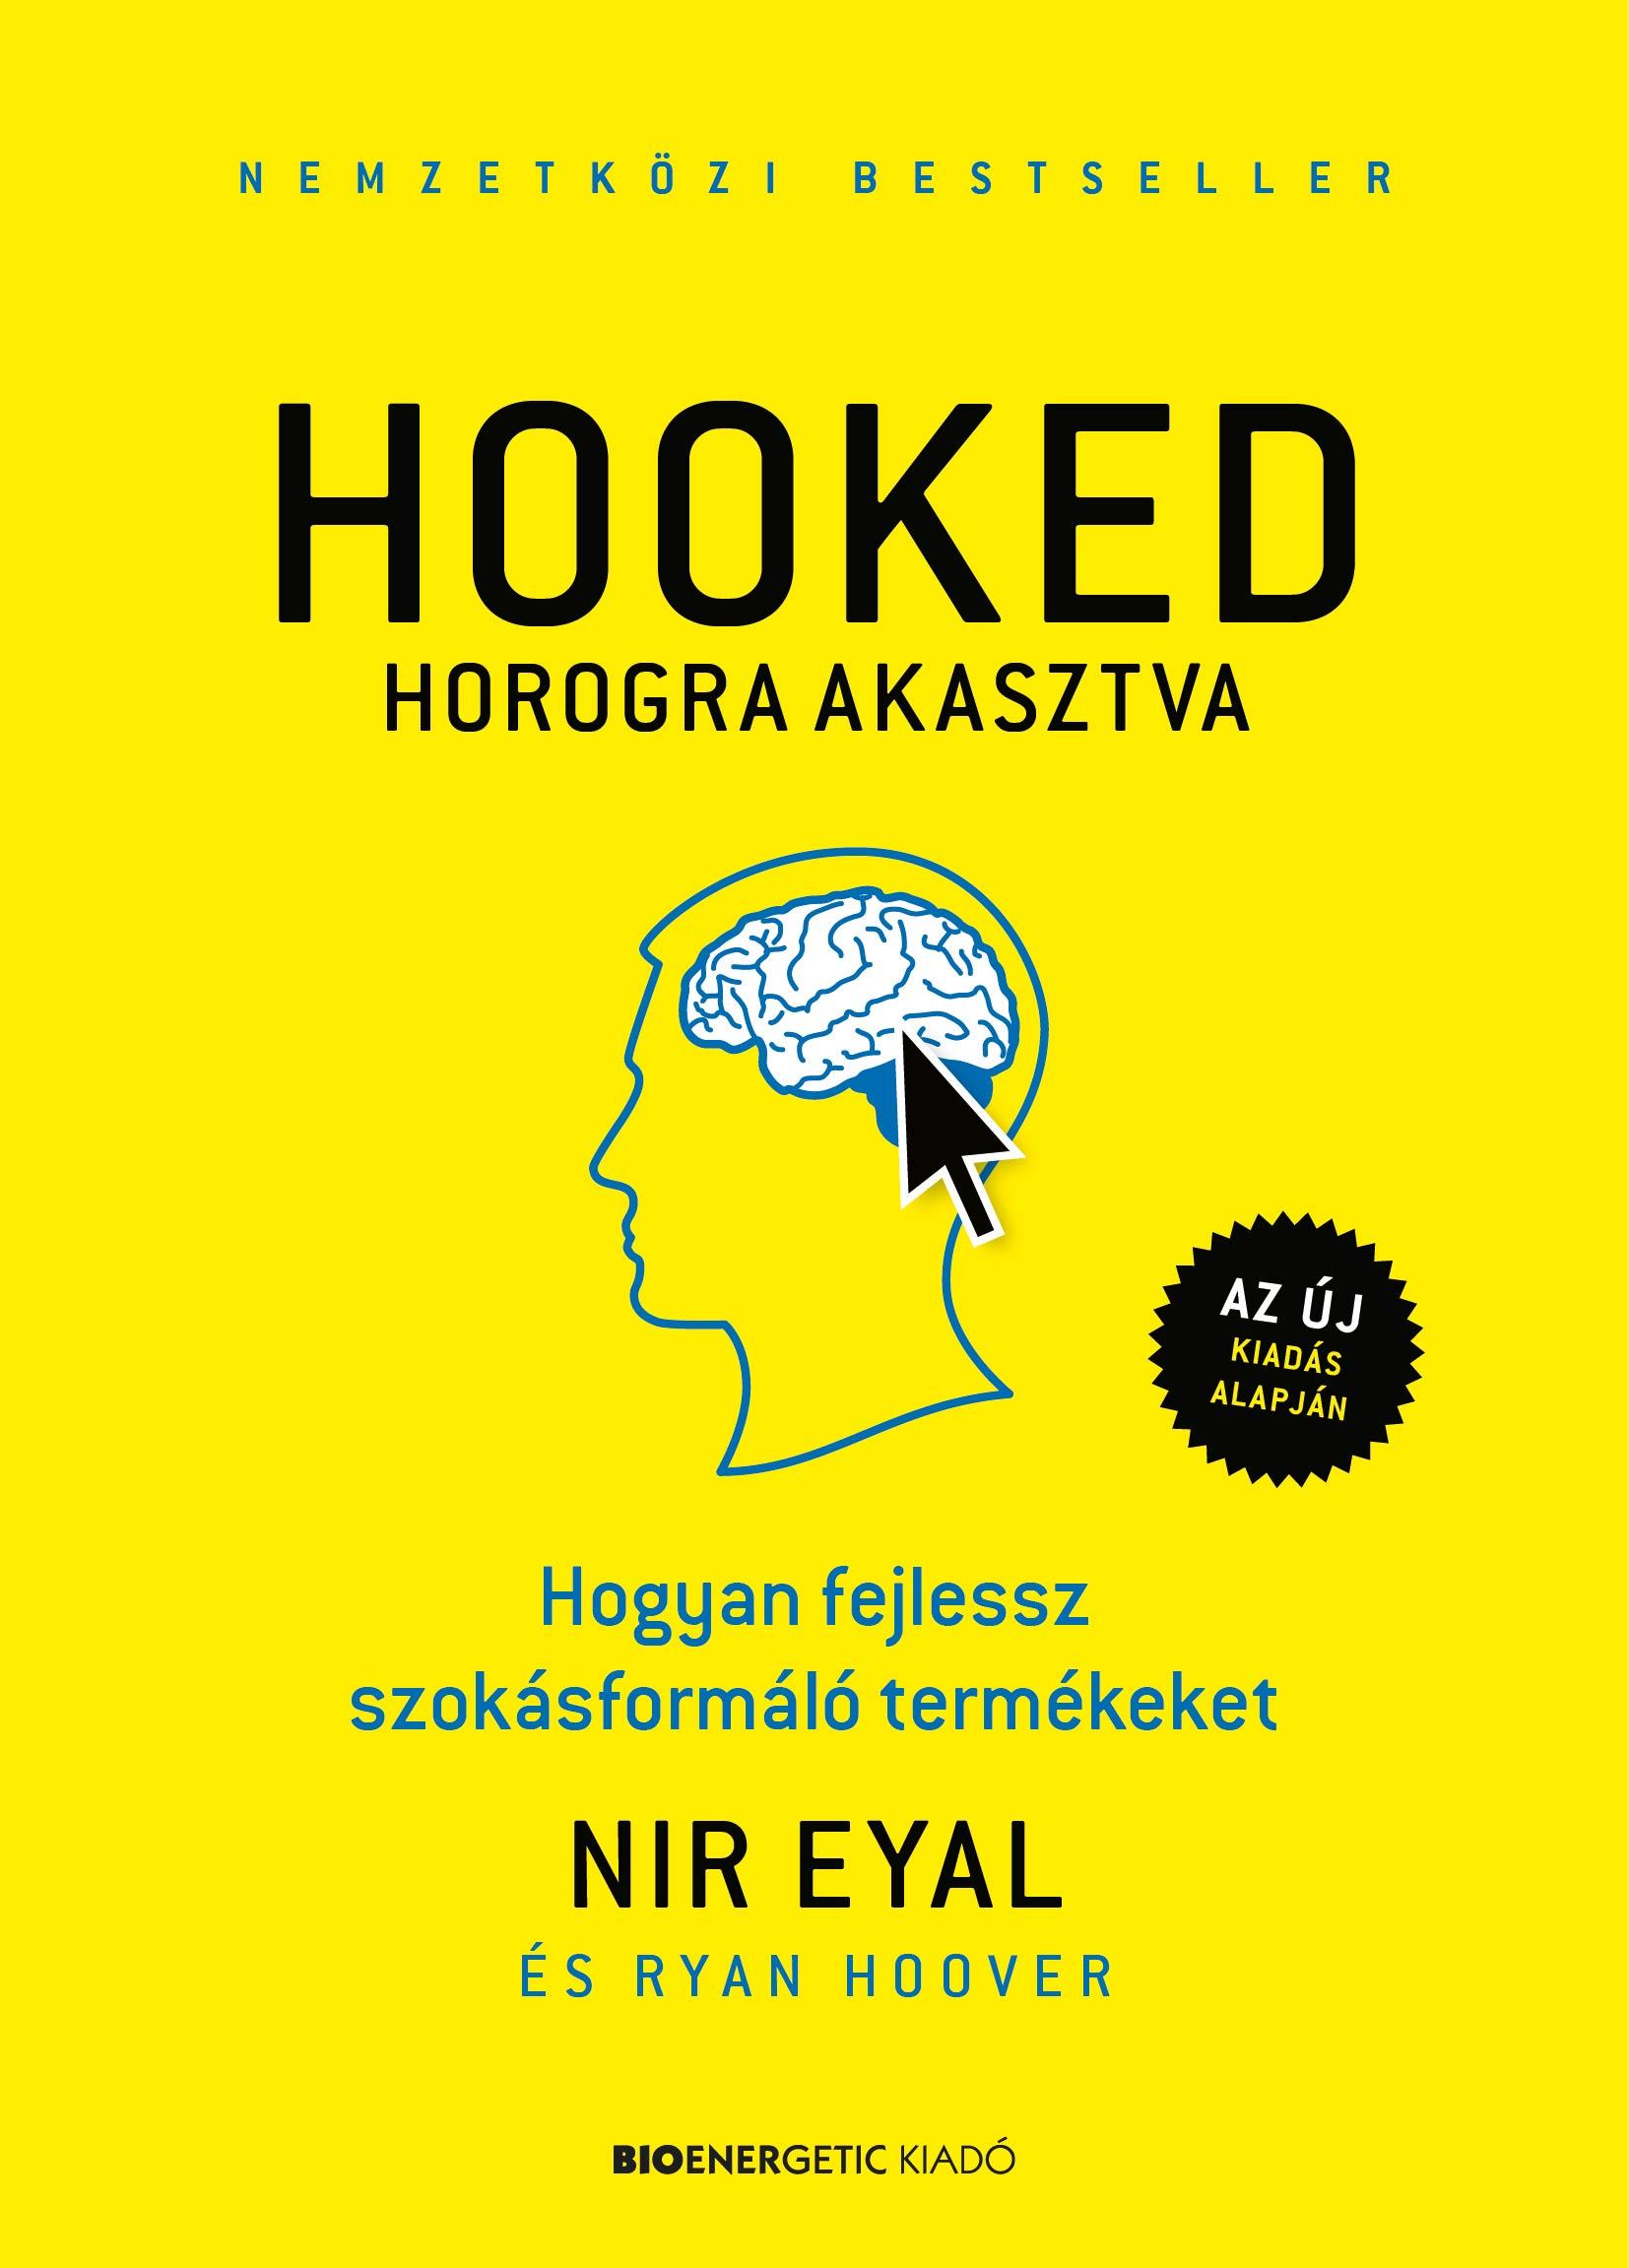 Nir Eyal - HOOKED - Horogra akasztva